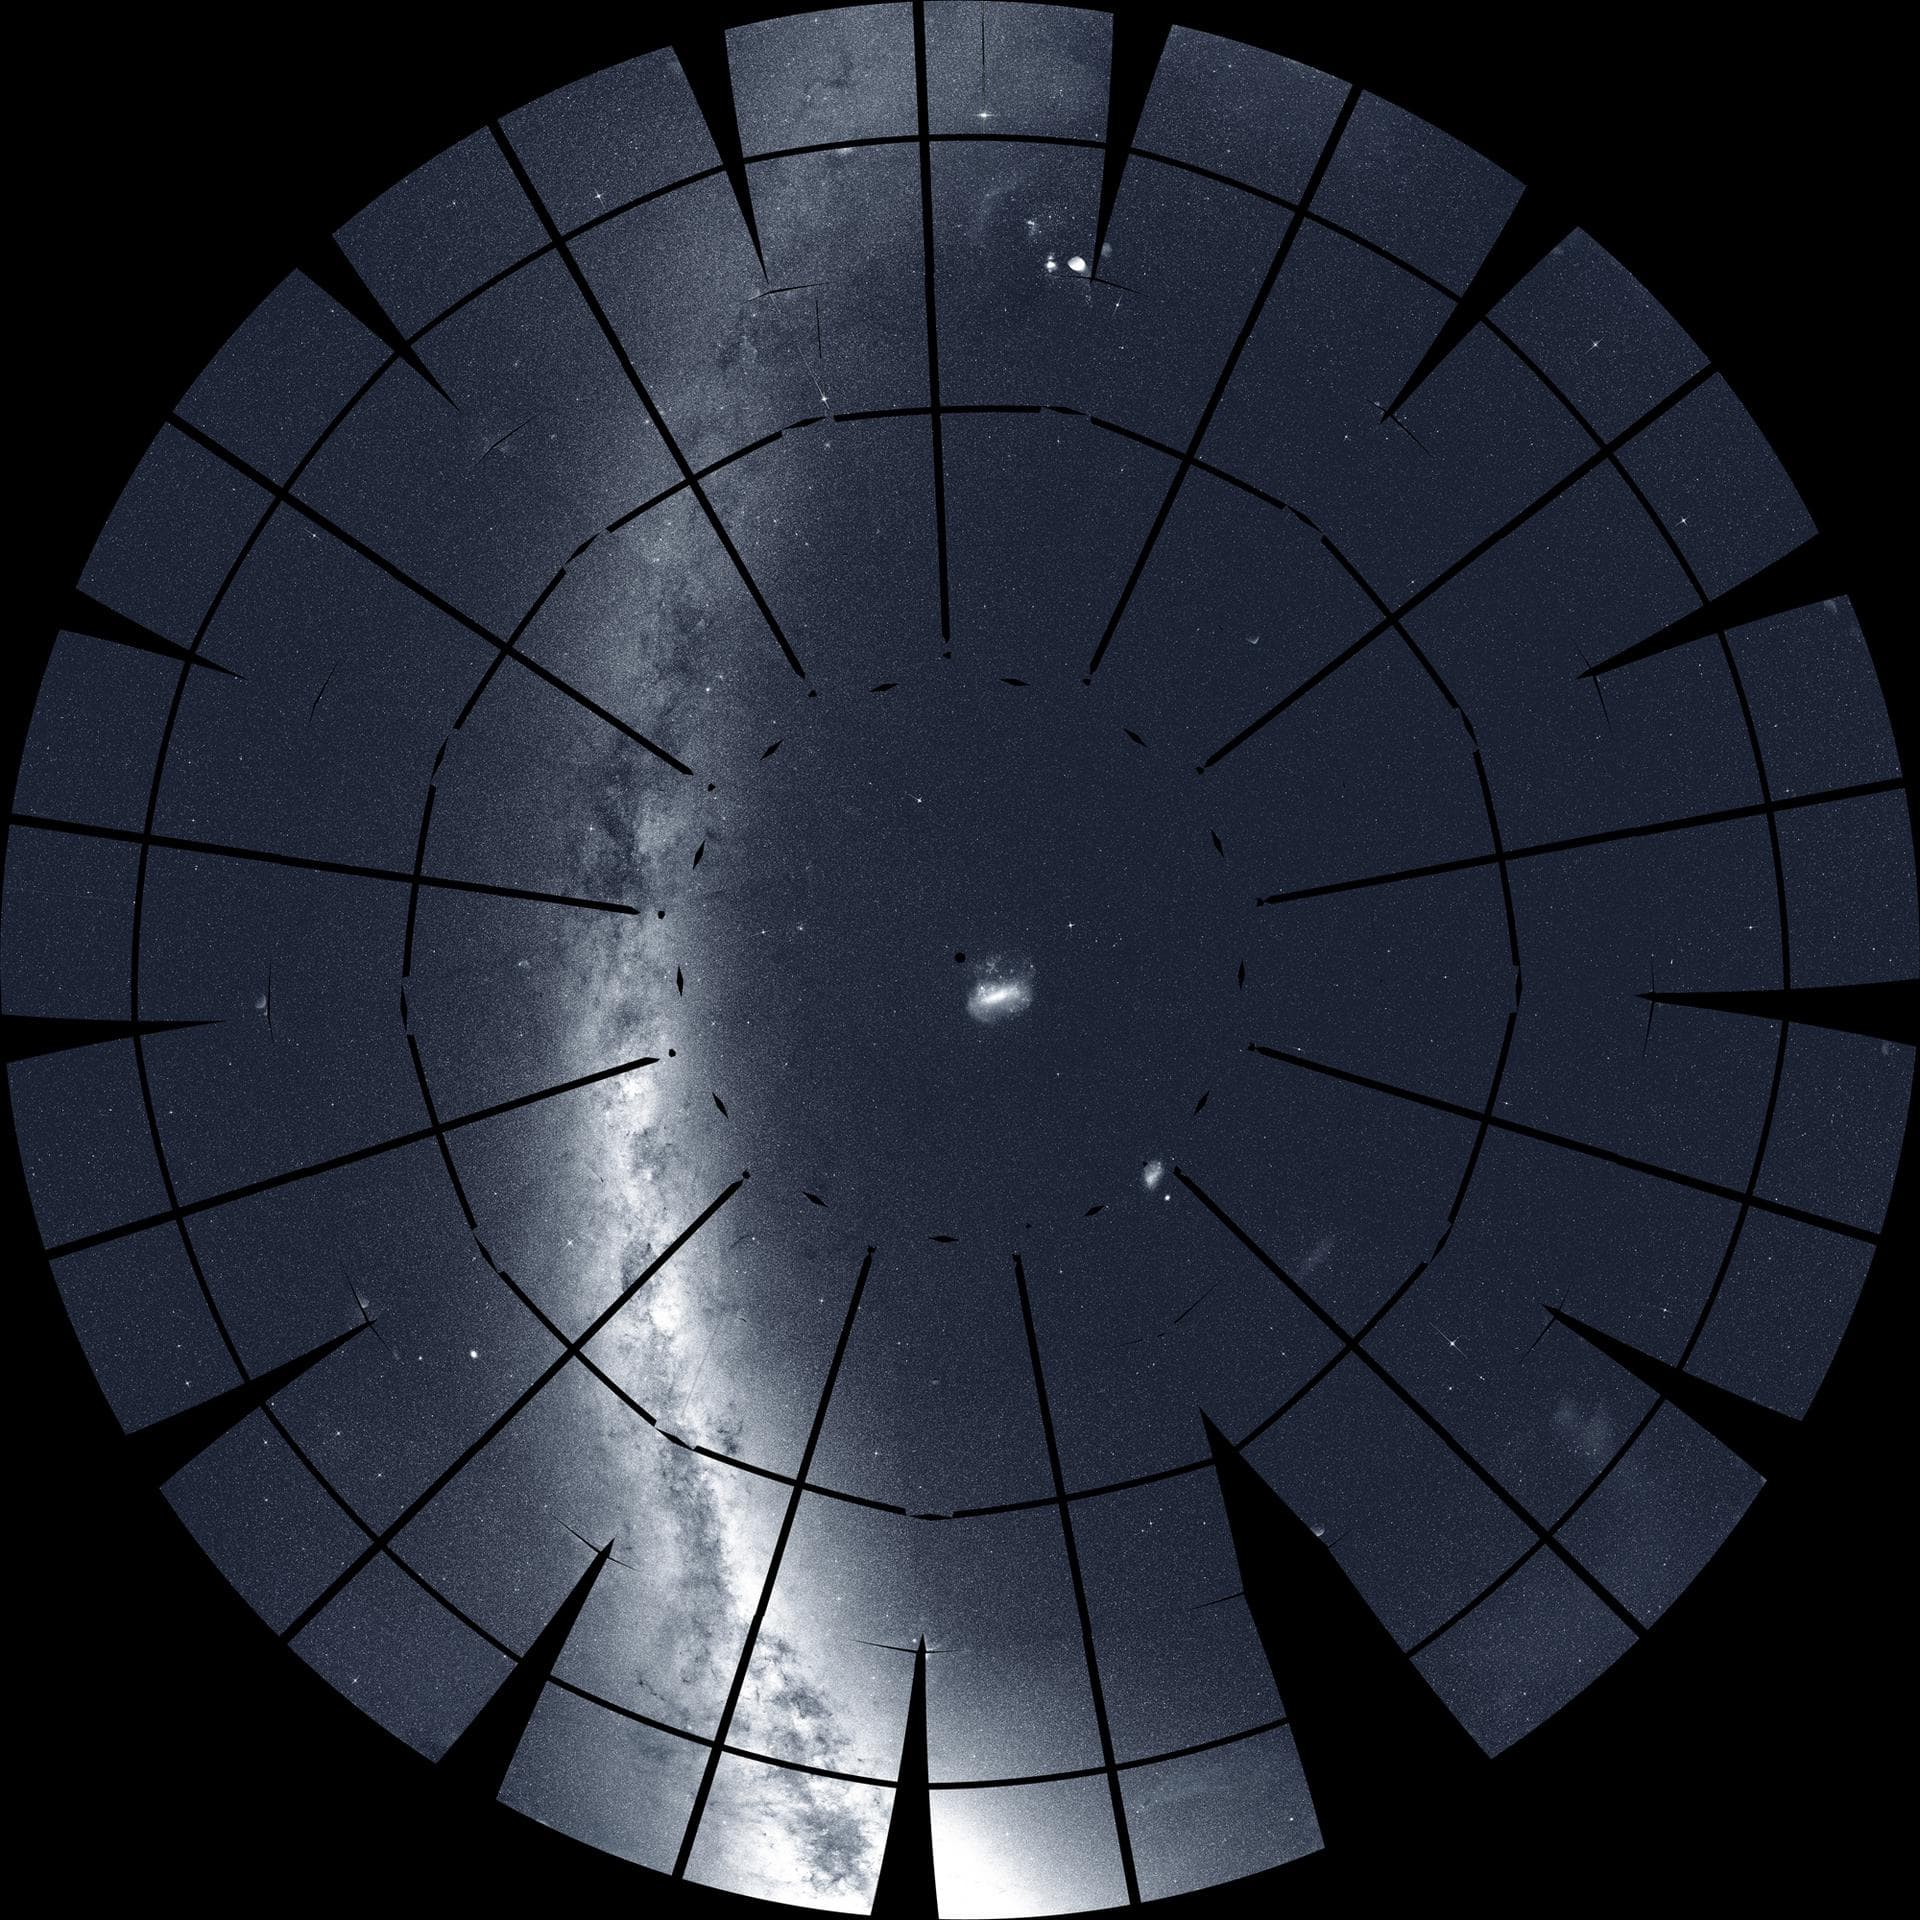 Панорама южного неба от телескопа TESS